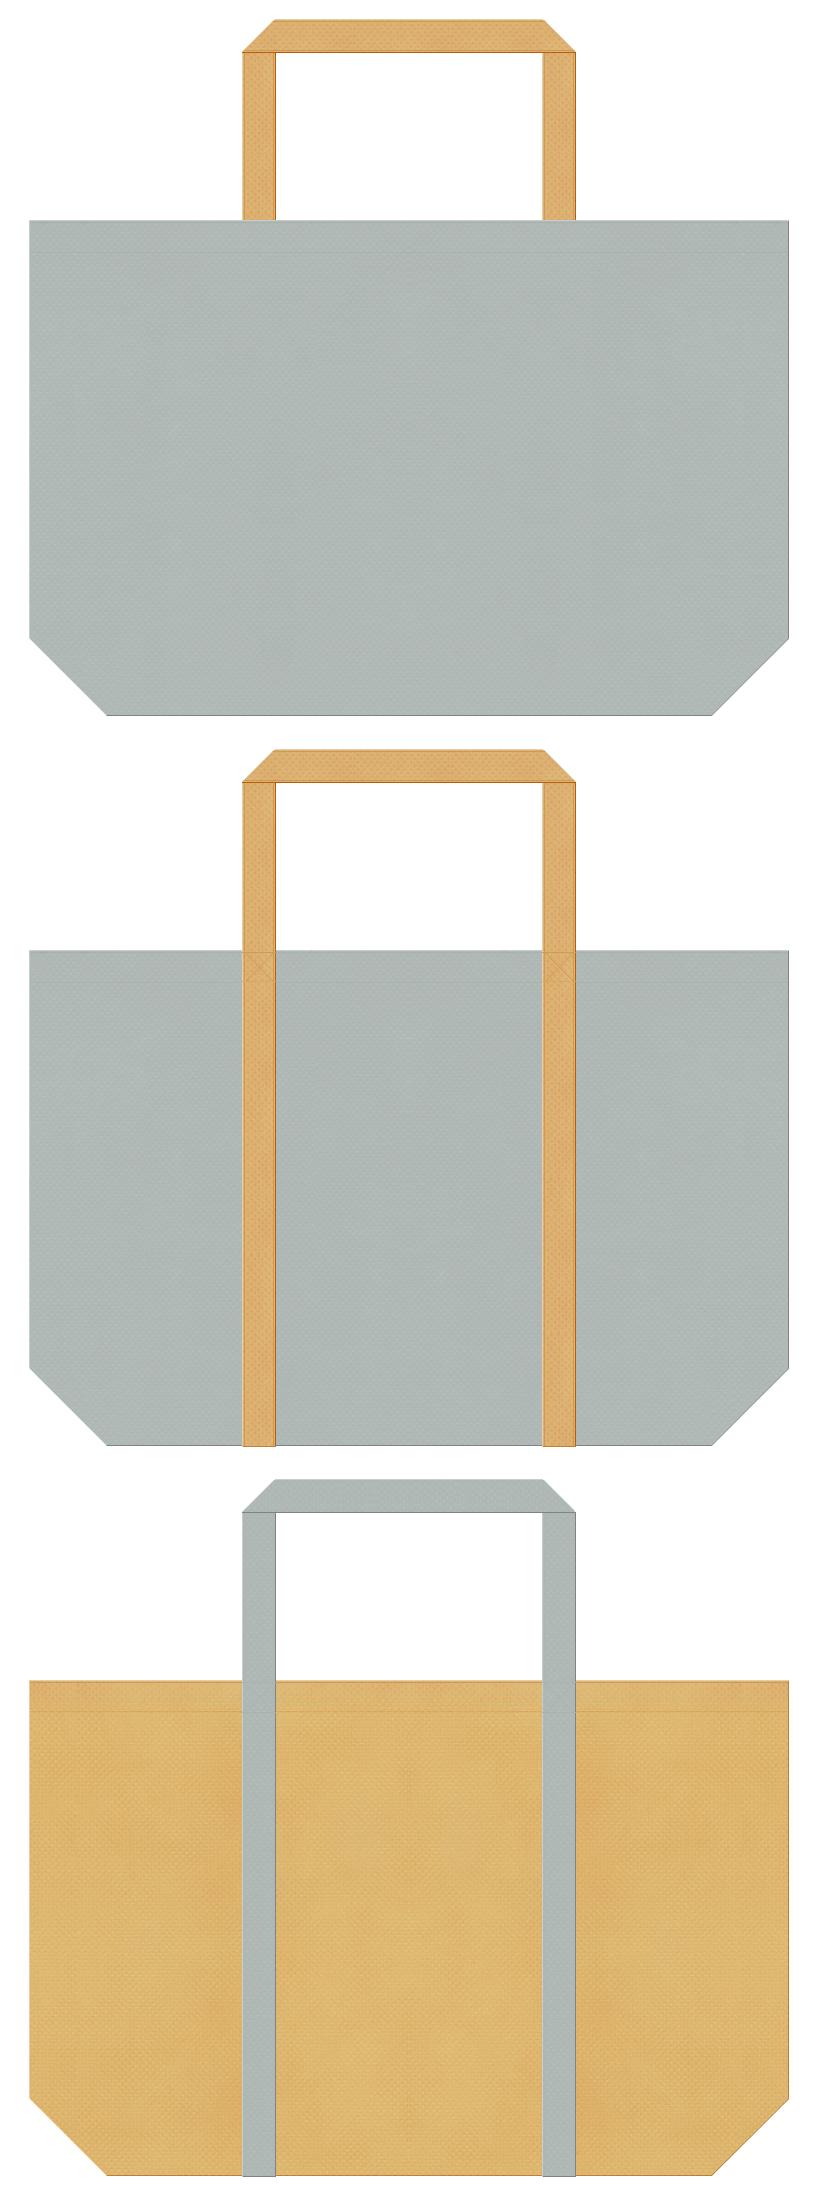 グレー色と薄黄土色の不織布エコバッグのデザイン。